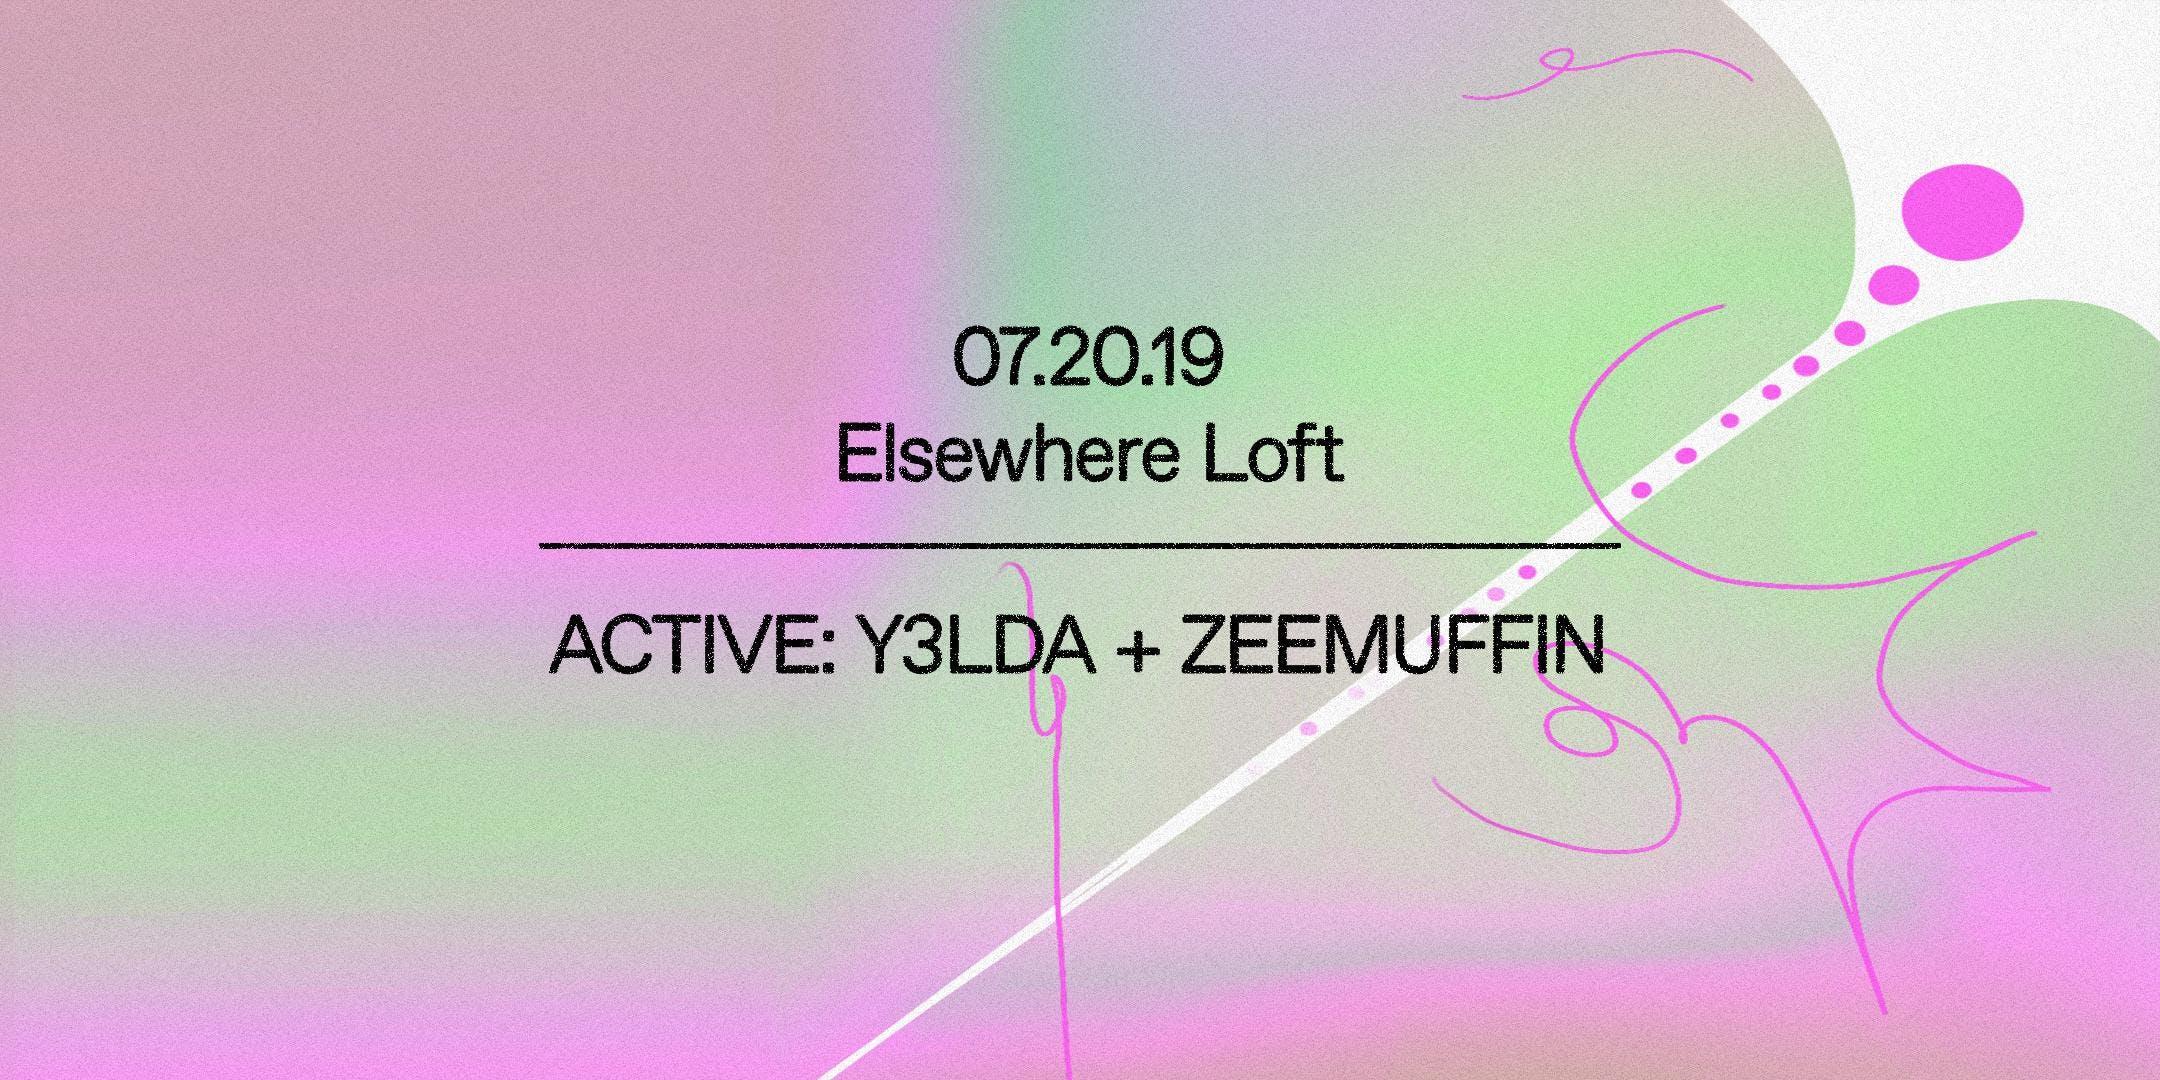 ACTIVE: Y3LDA + ZEEMUFFIN